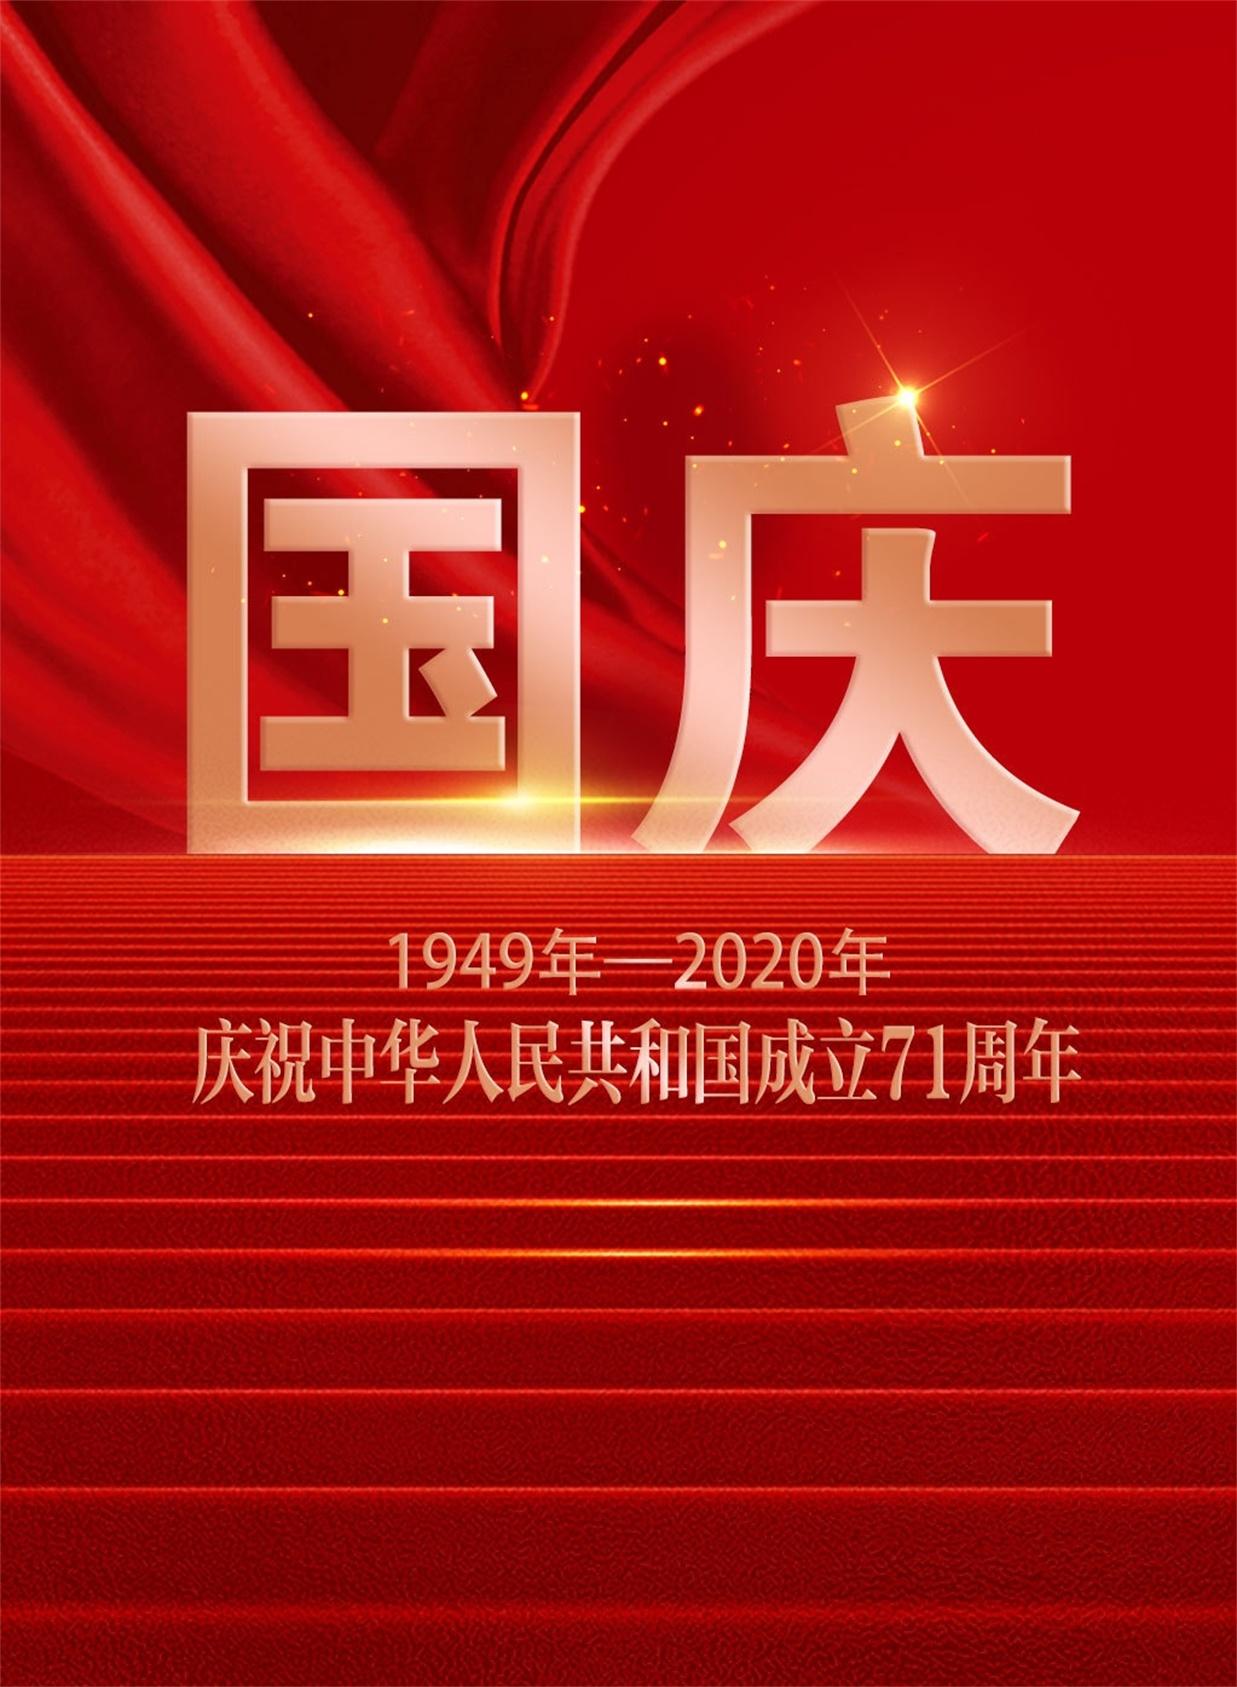 良友防水与国共欢庆,与家共团圆!!